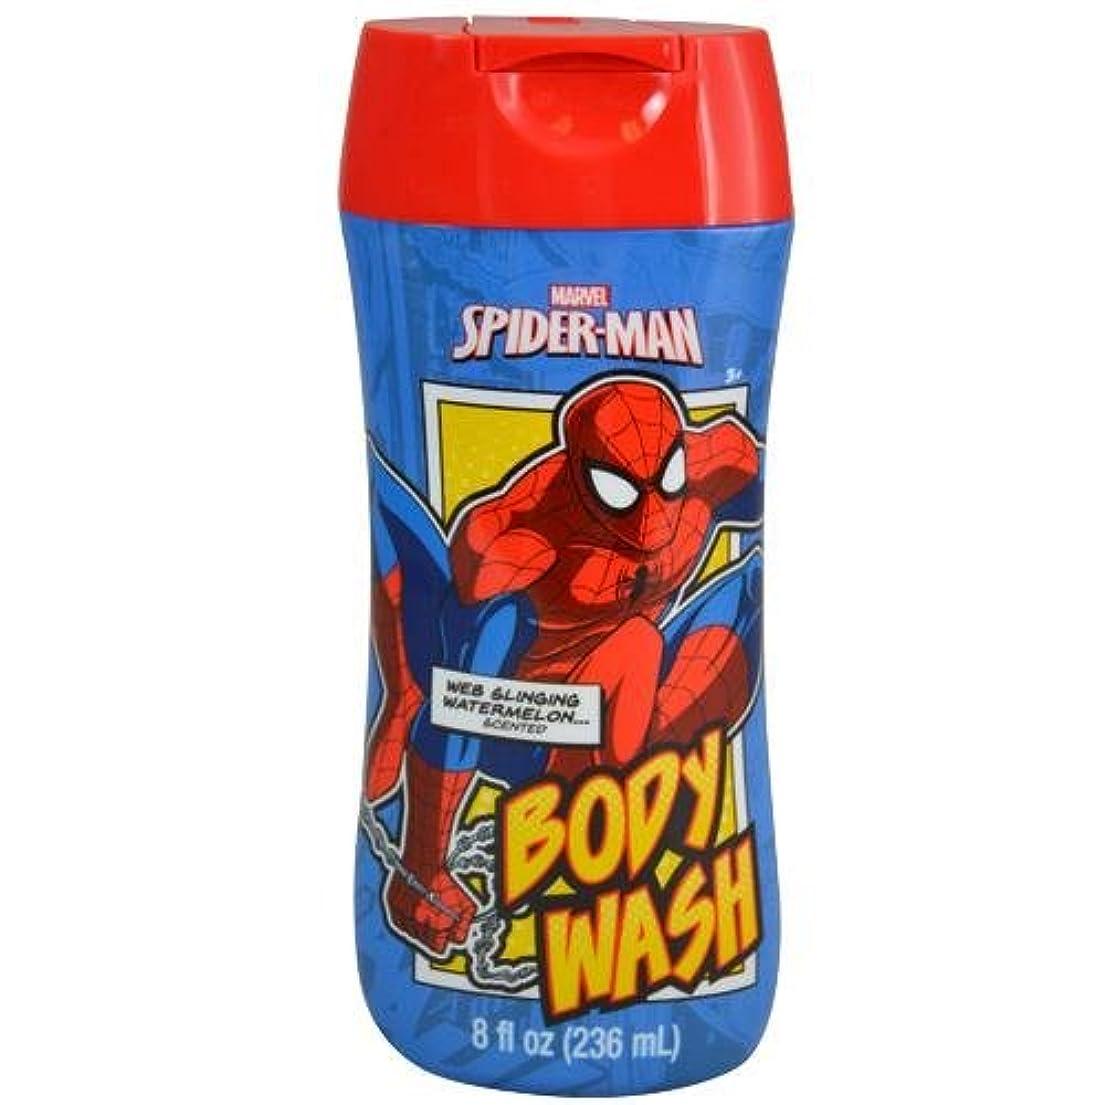 そこからラック味わうスパイダーマン SPIDER-MAN ボディーソープ 12185 MARVEL お風呂 ボディ ソープ 子供用 キッズ ボディソープ MARVEL ボディウォッシュ マーベル ボディーウォッシュ【即日?翌日発送】